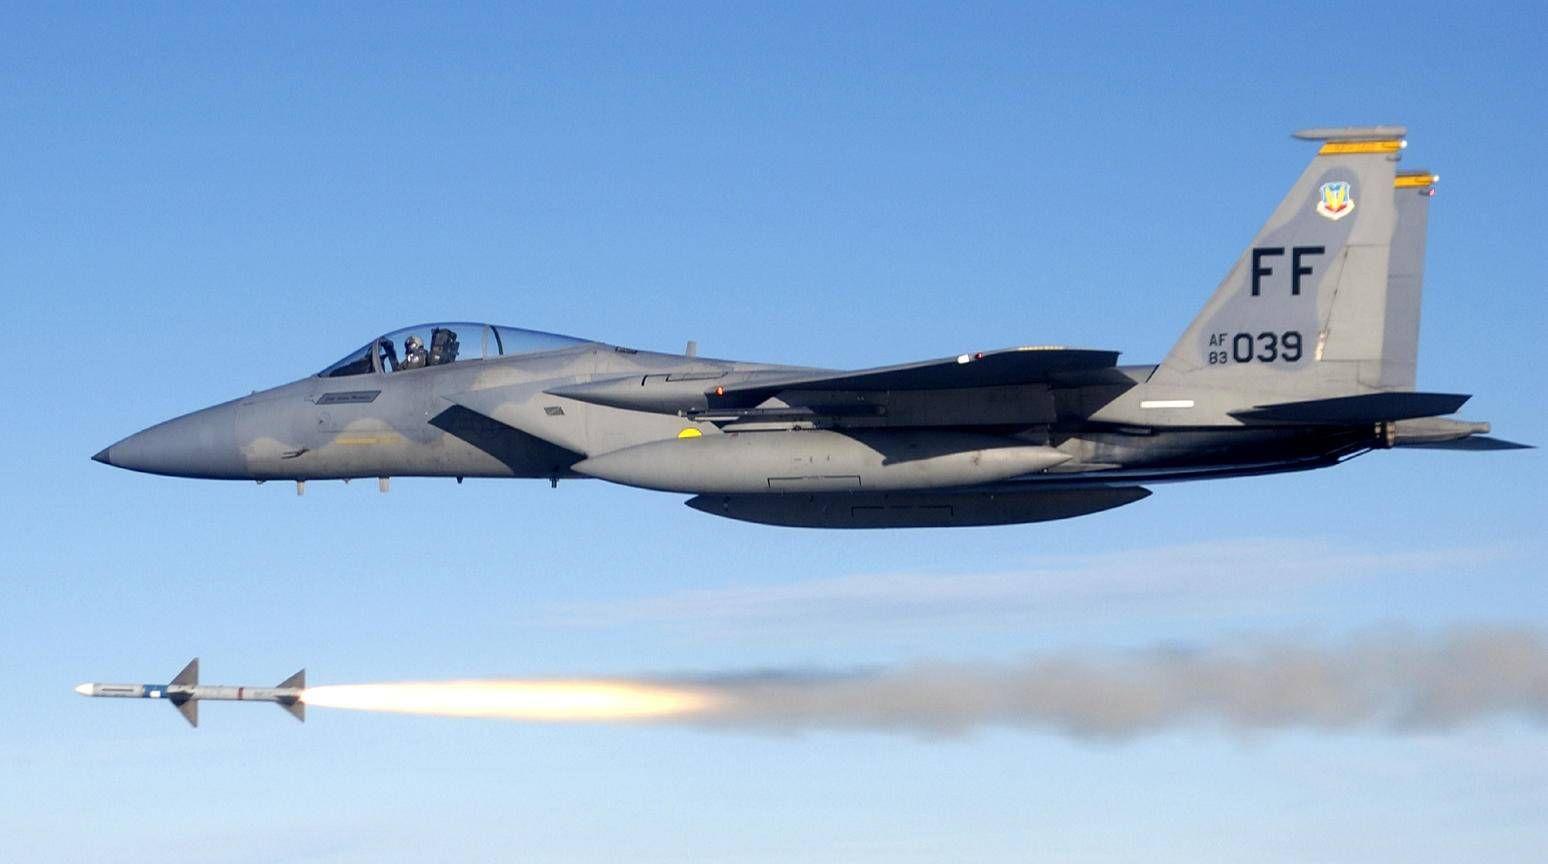 Avión caza F-15 Eagle | Army | Pinterest | Caza, Avión y Aviones de